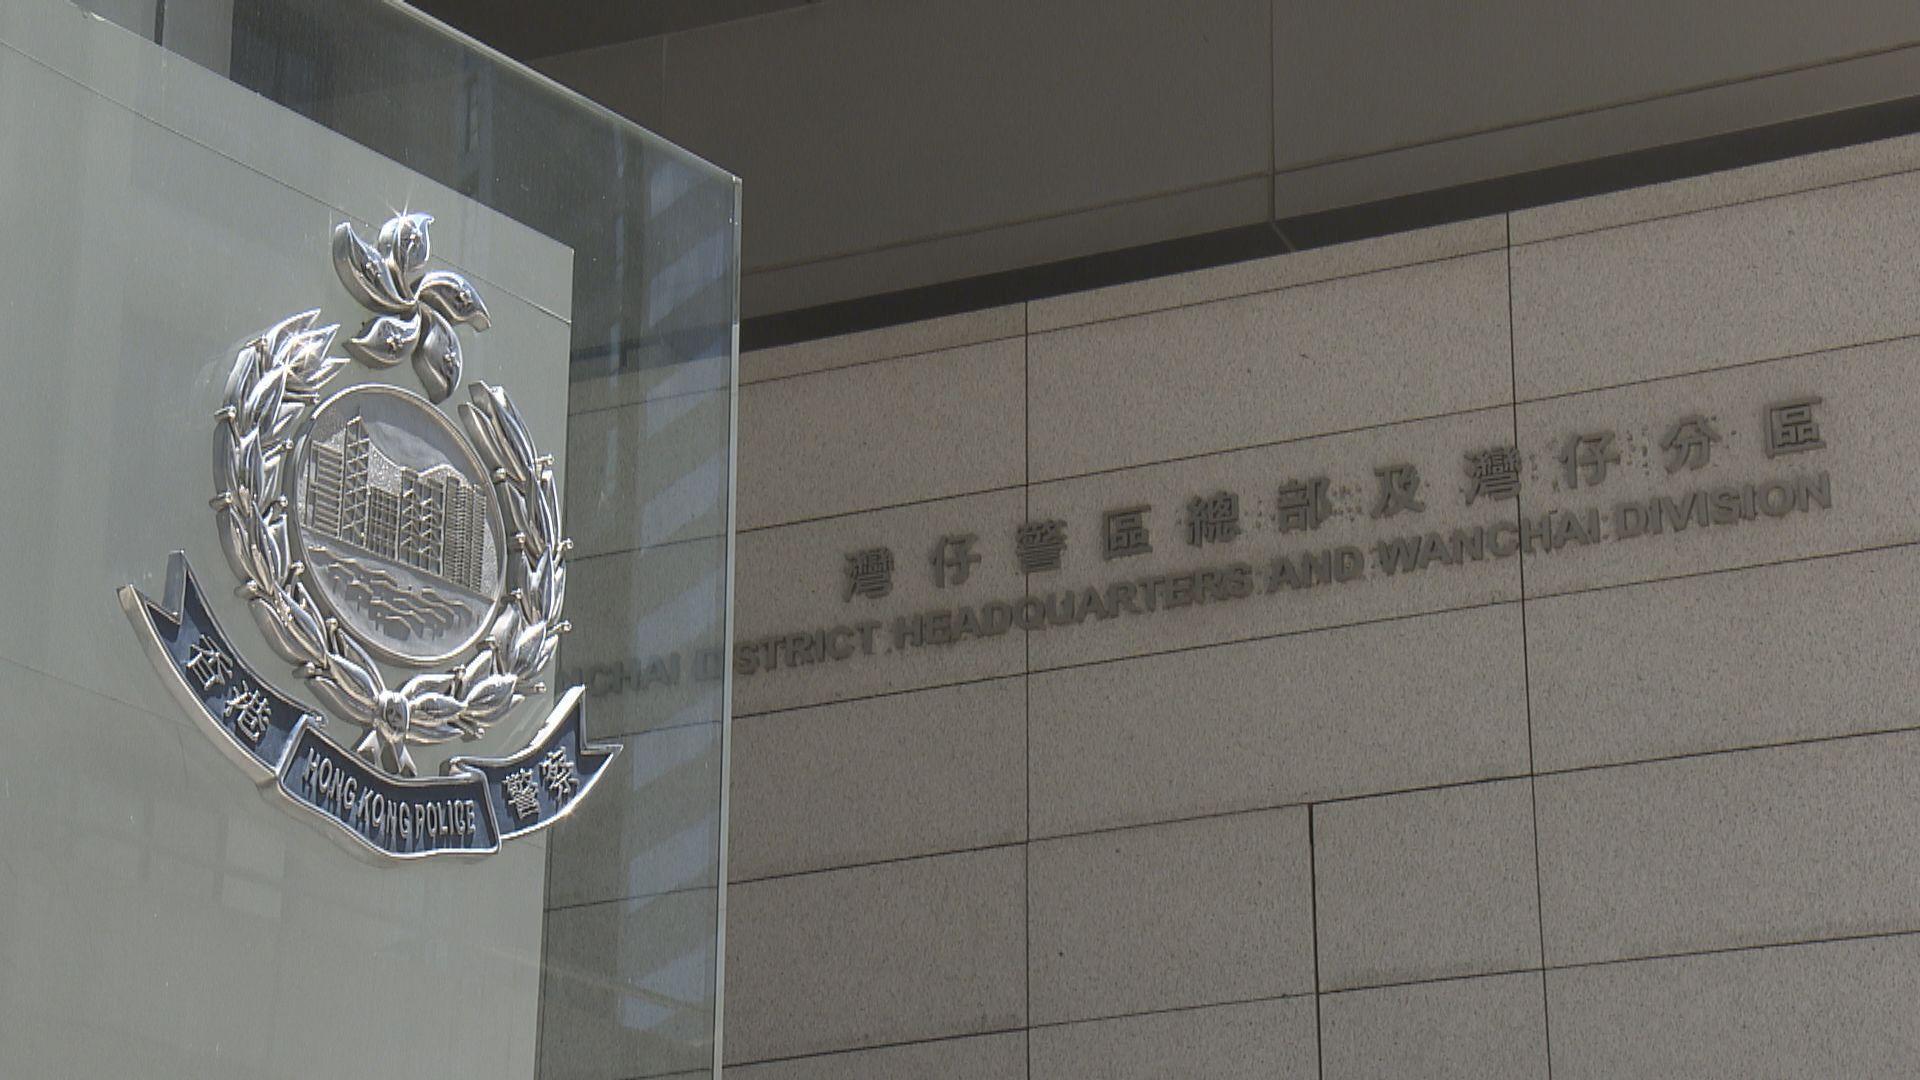 警方稱已主動暫緩派員到內地及海外受訓[影片] - Yahoo 新聞